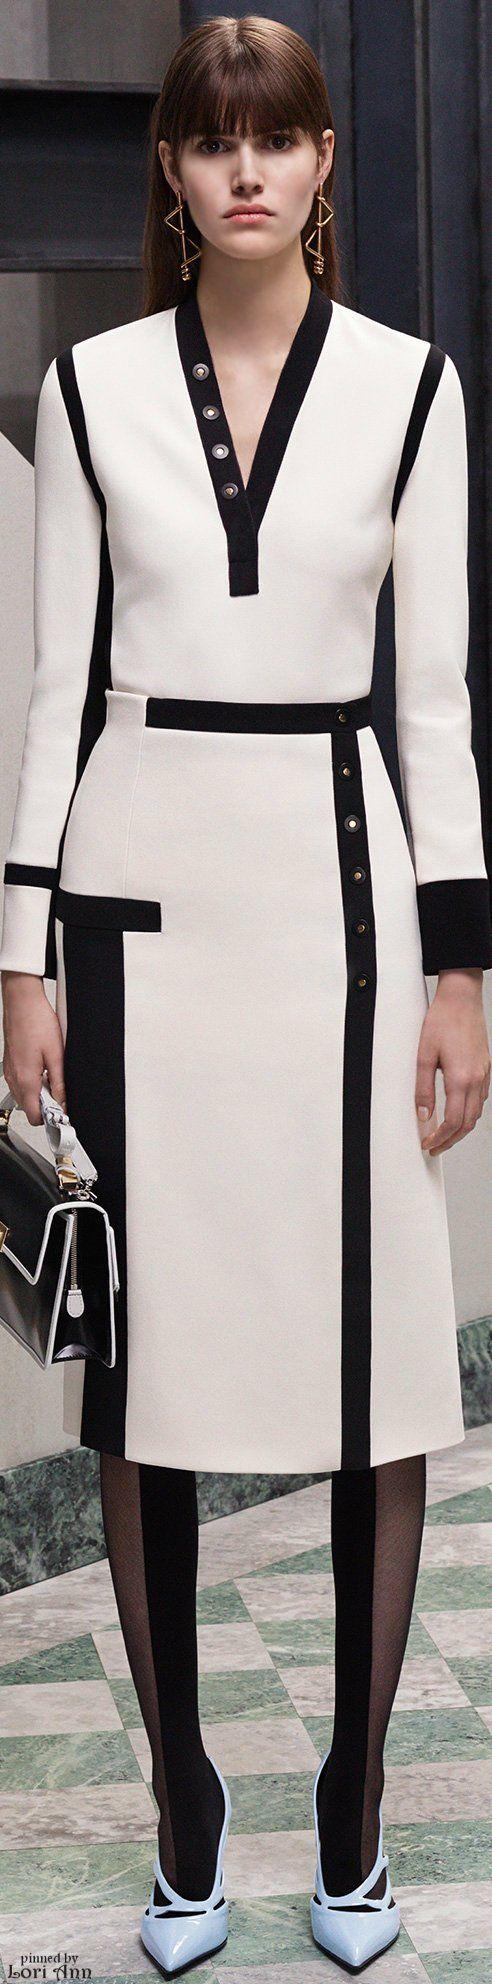 Balenciaga Pre-Fall 2015 Im soooo in love with black and white.. Love me as a black or white